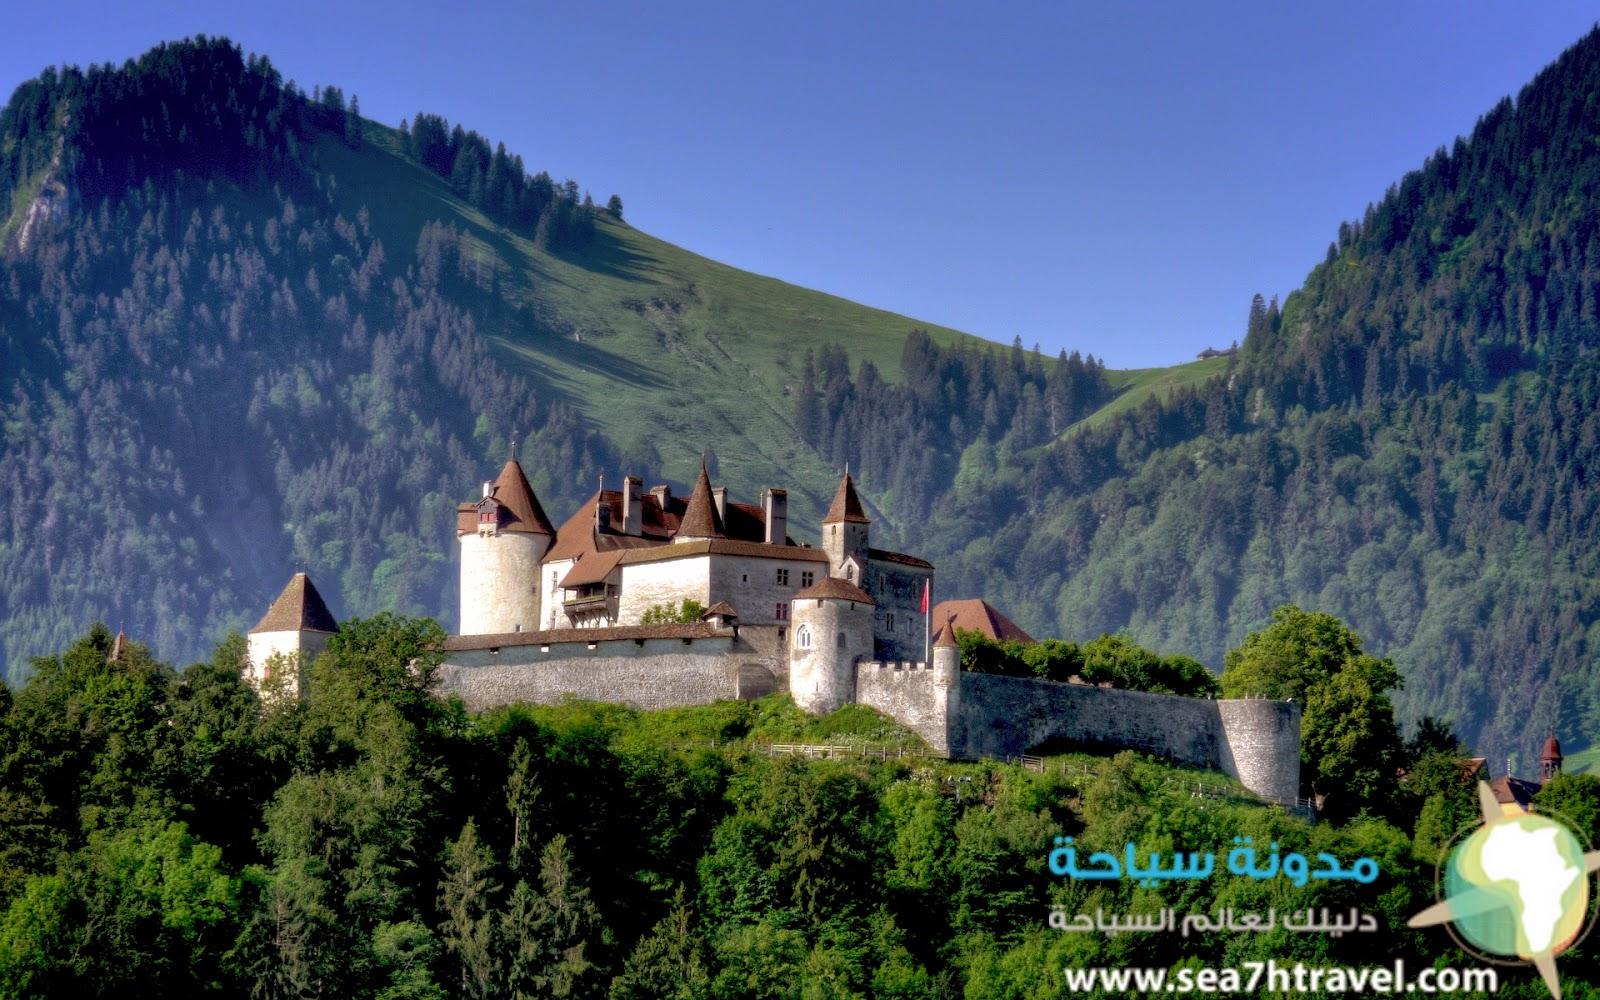 رحلة الي قلعة شاتو دي غريير في سويسرا